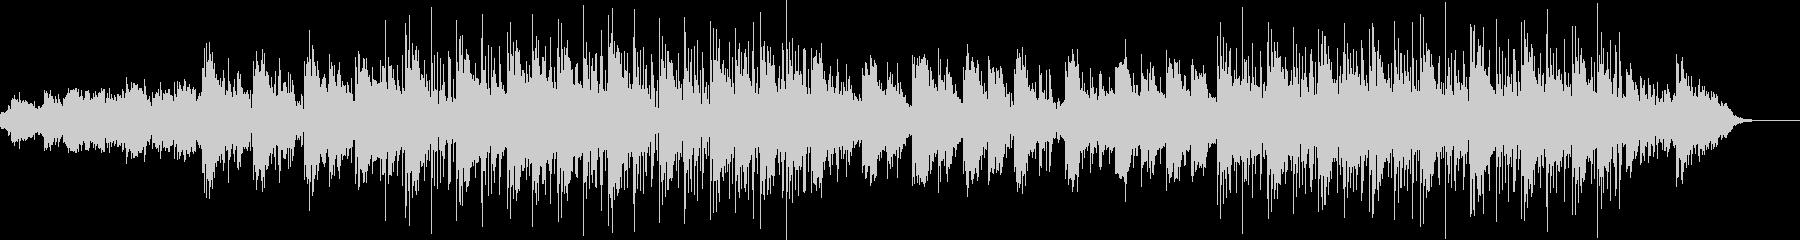 デザイン的な映像に合うエレクトリック曲の未再生の波形